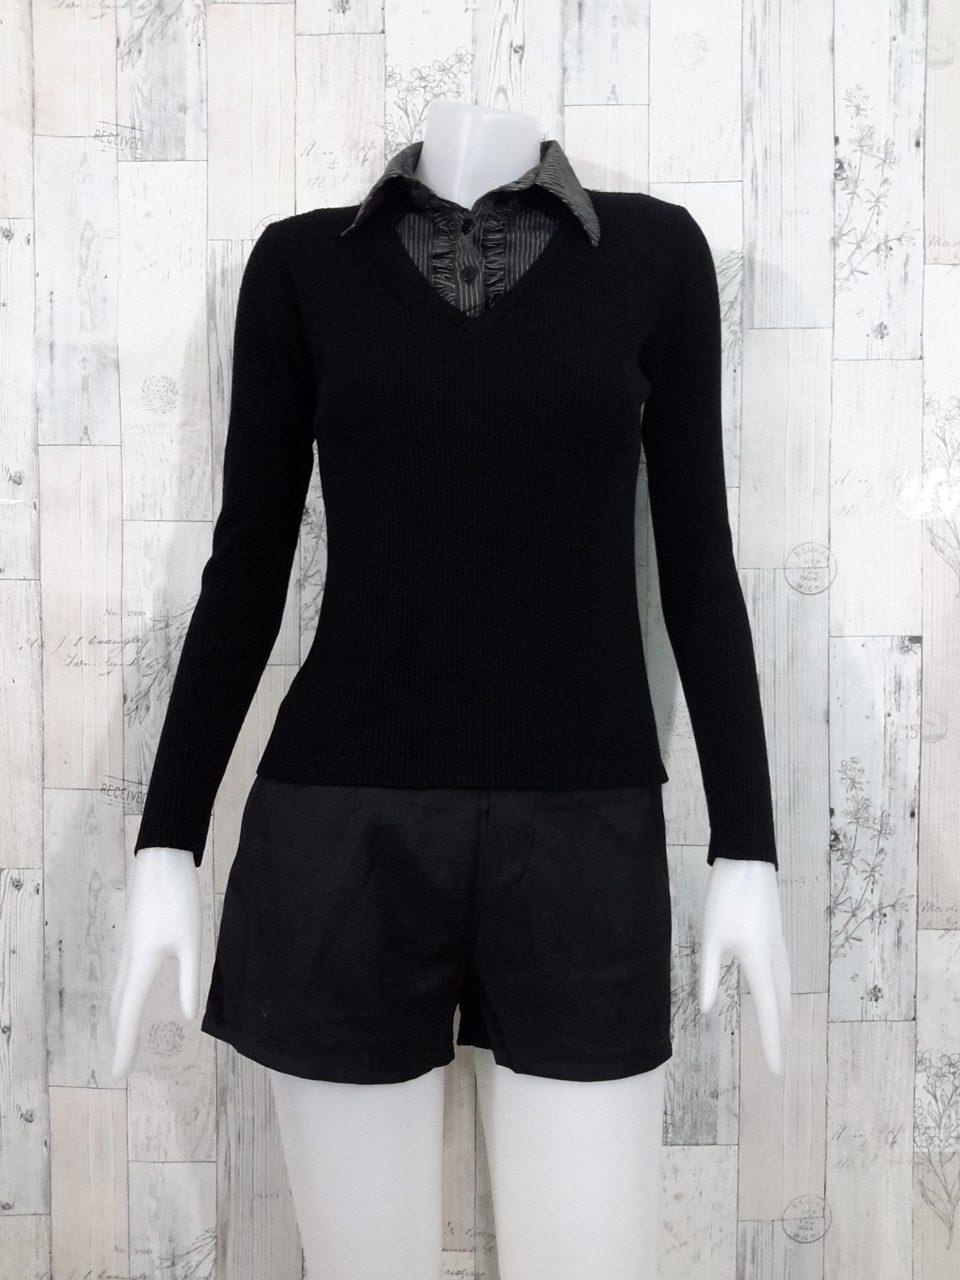 Blouse3521 2nd hand clothes เสื้อไหมพรมร่อง(เนื้อหนาปานกลาง) สีพื้นดำ แขนยาว คอวี แต่งคอปกเชิ้ตลายริ้ว